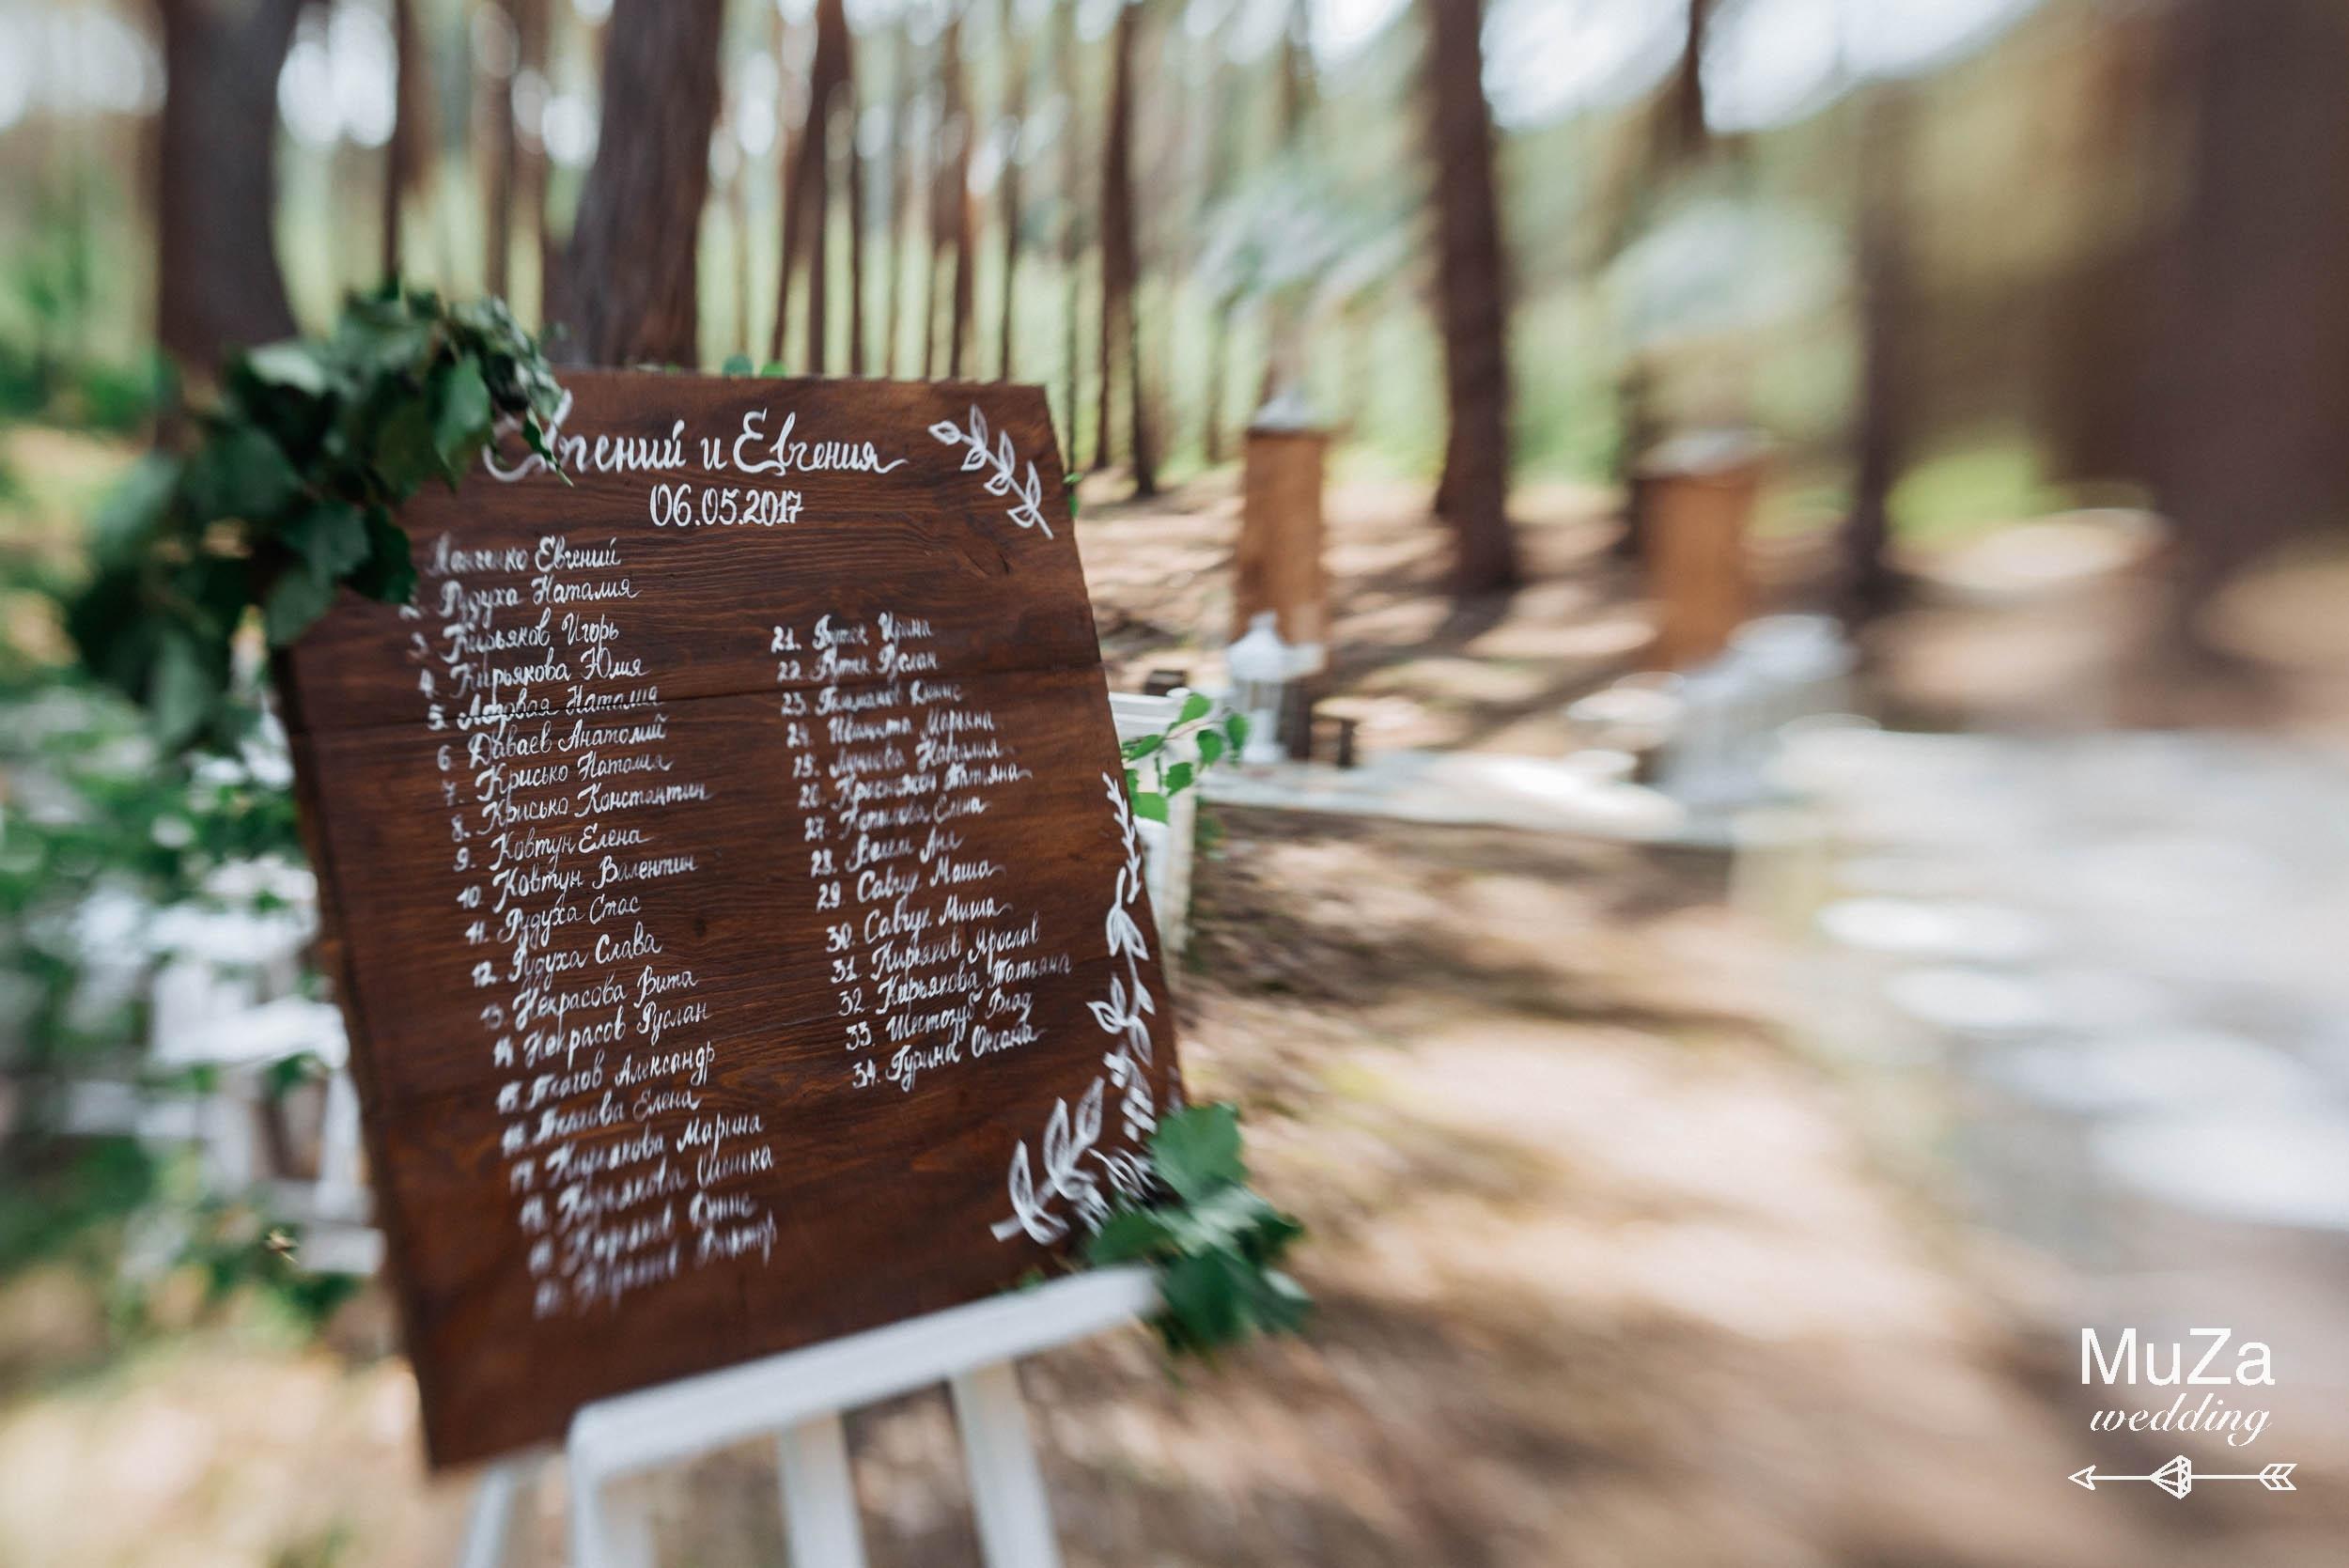 план рассадки на свадебной церемонии